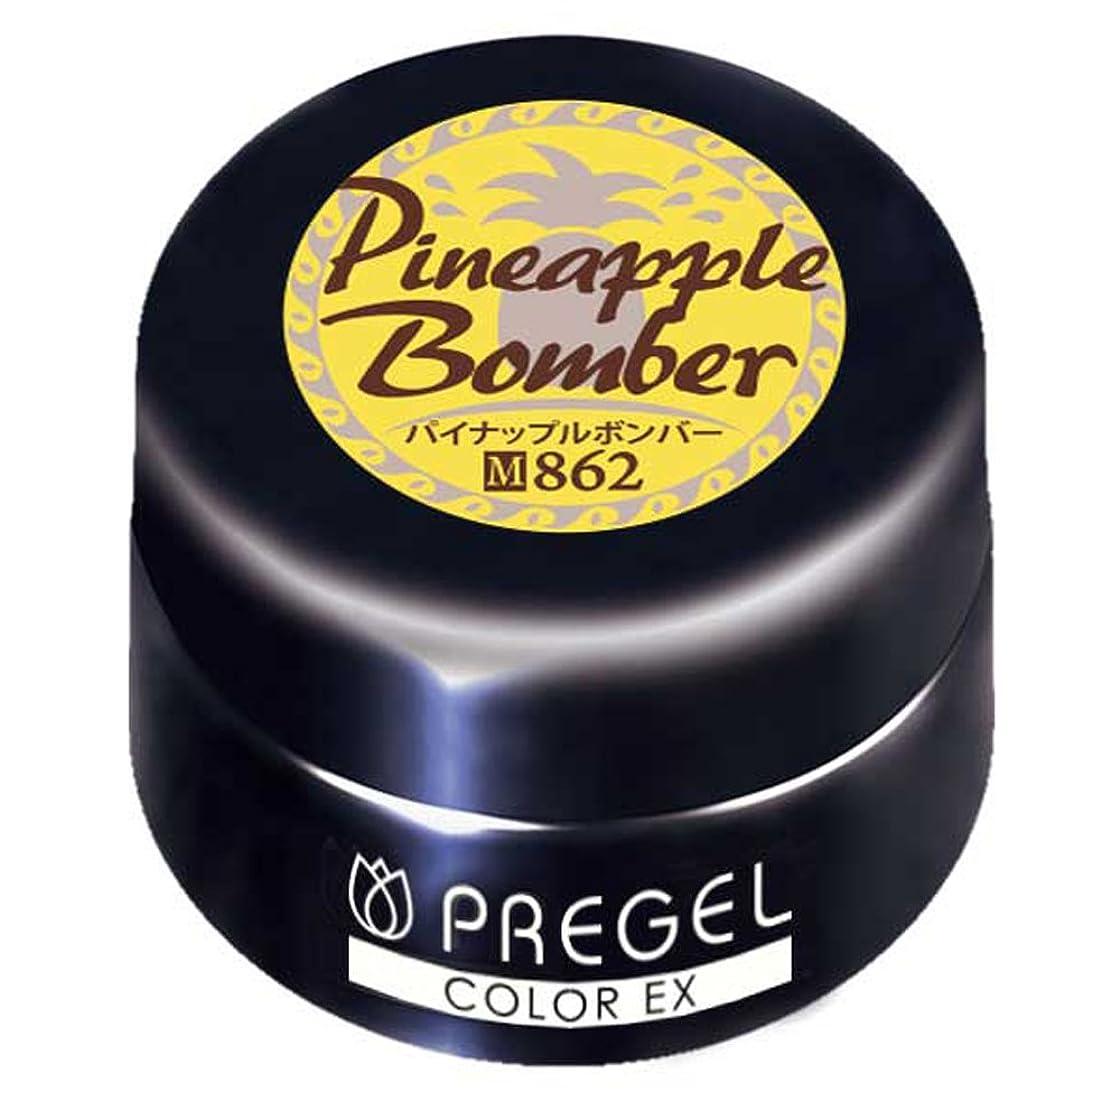 薬用ヒロイン汚れるPRE GEL カラーEX パイナップルボンバー 862 3g UV/LED対応